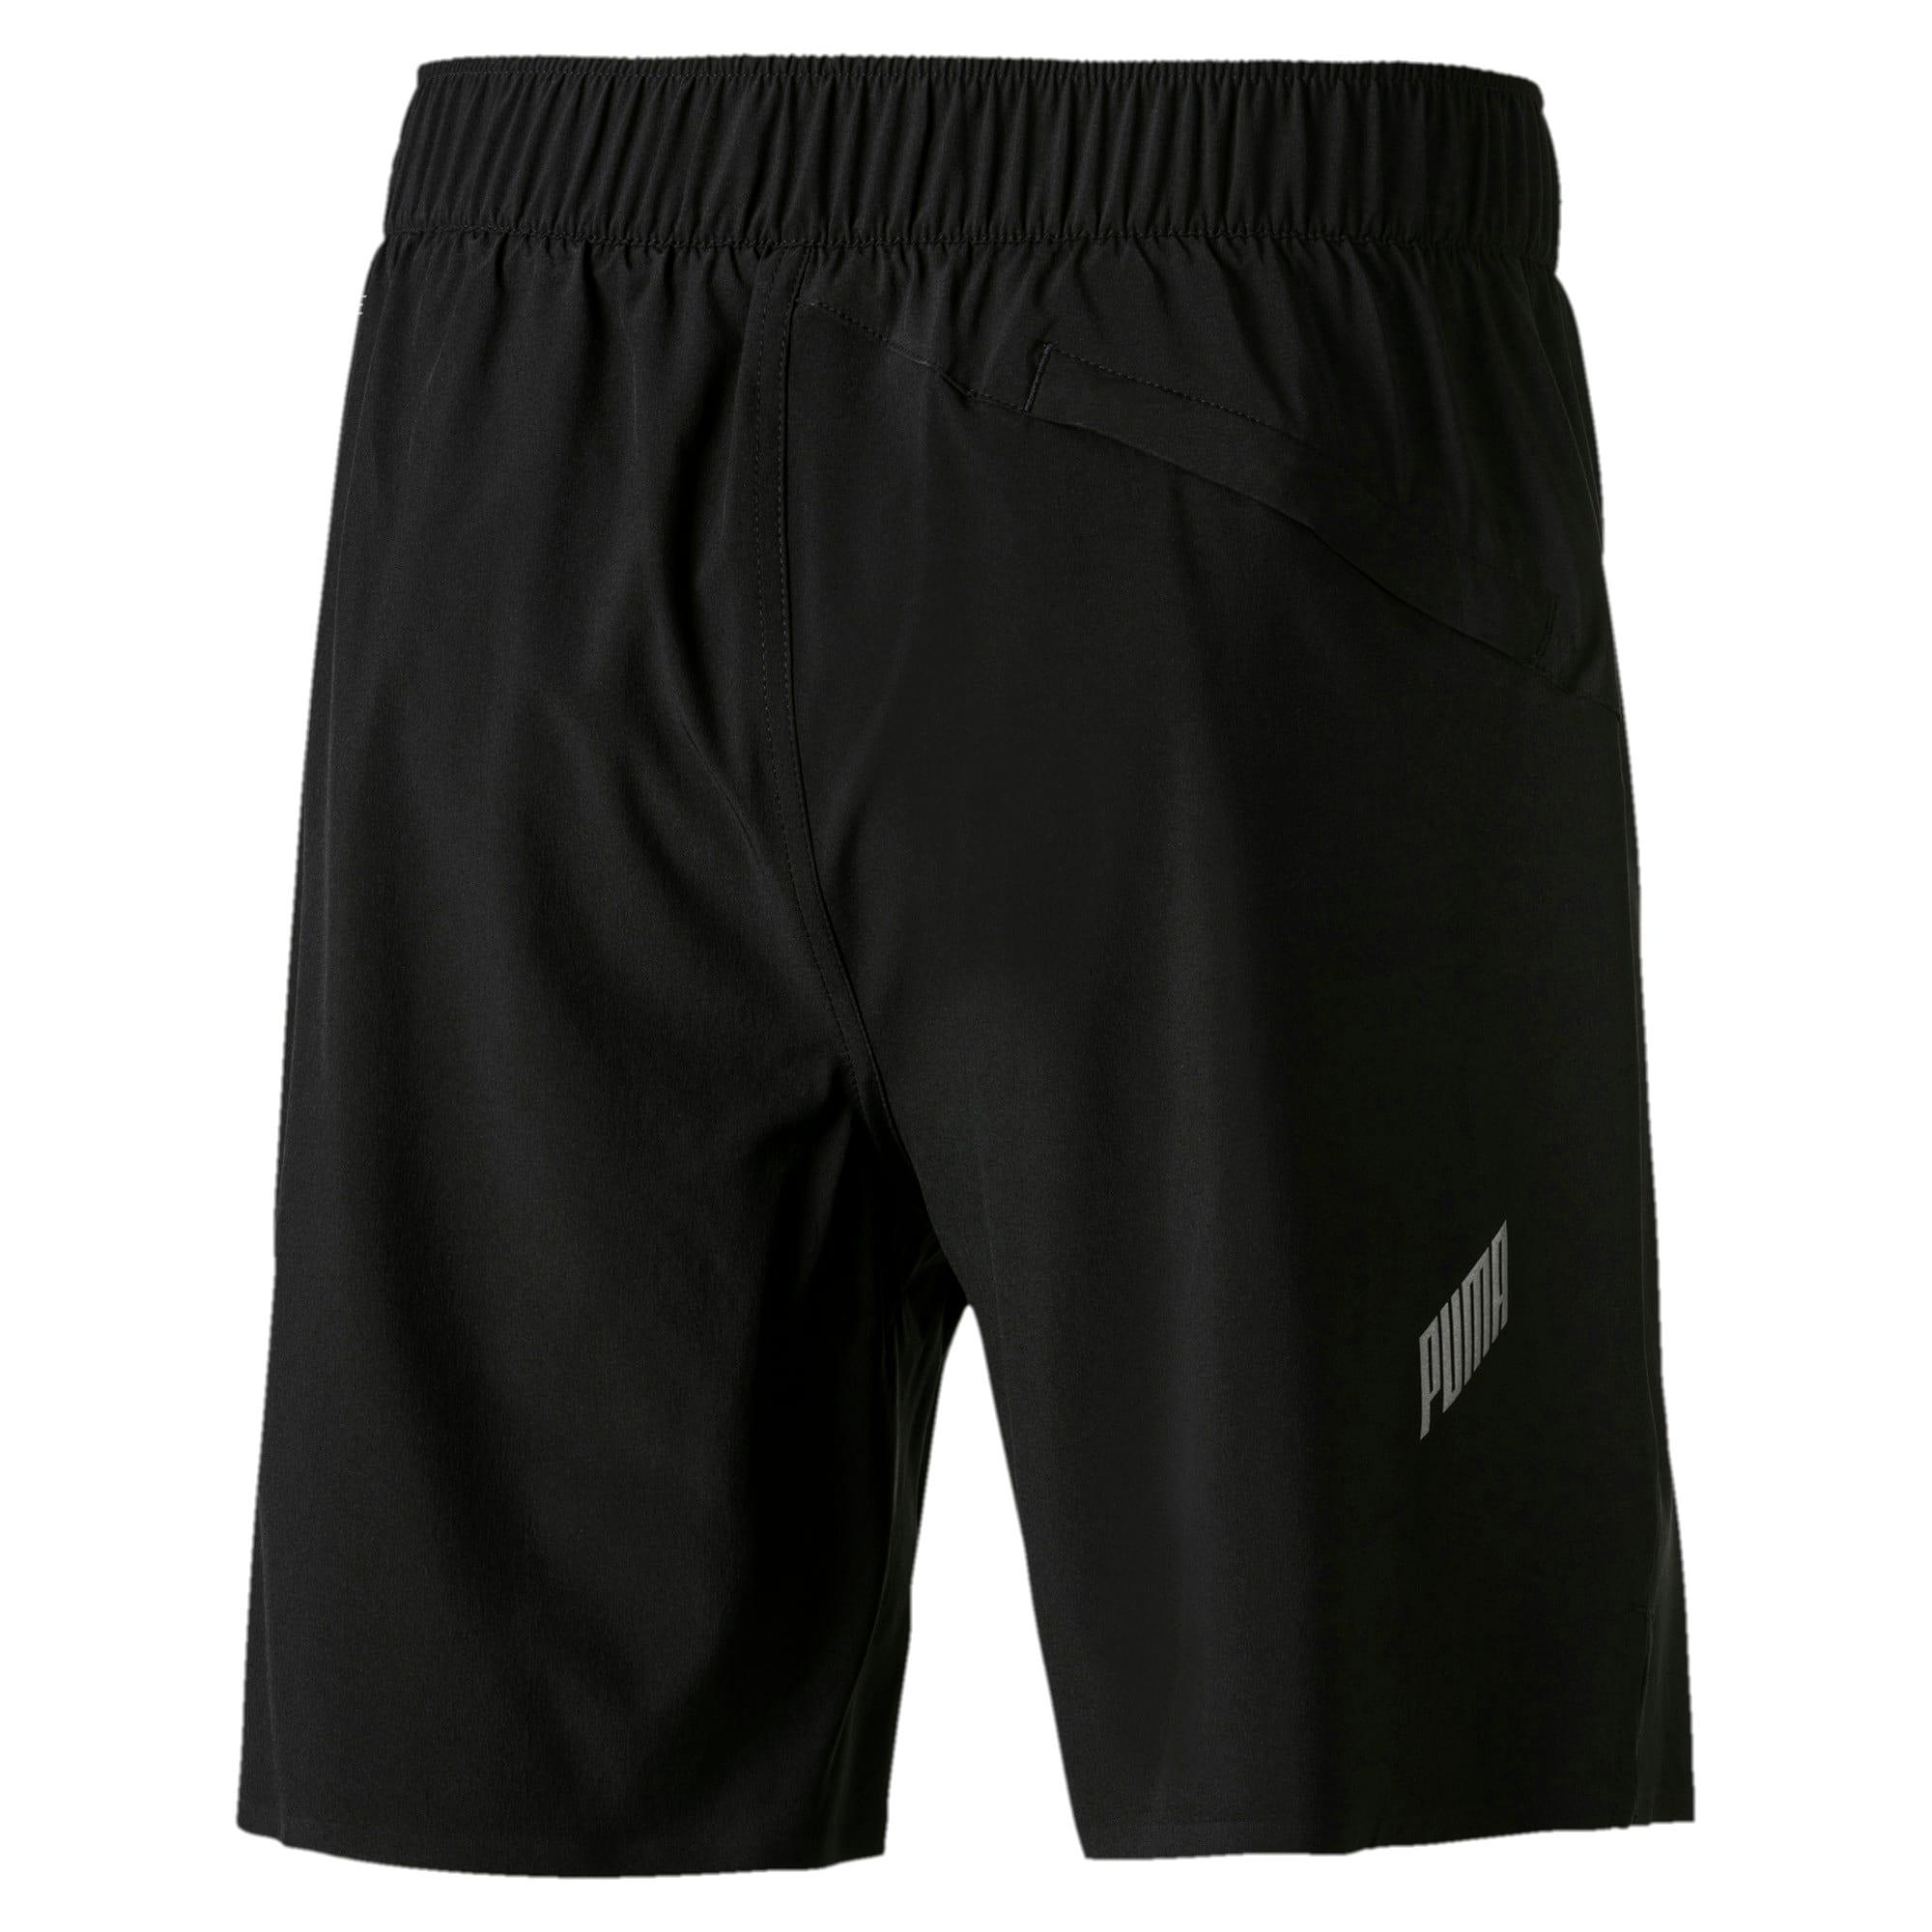 """Thumbnail 6 of Pace 7"""" 2 in 1 Men's Running Shorts, Puma Black-Medium Gry Hthr, medium-IND"""